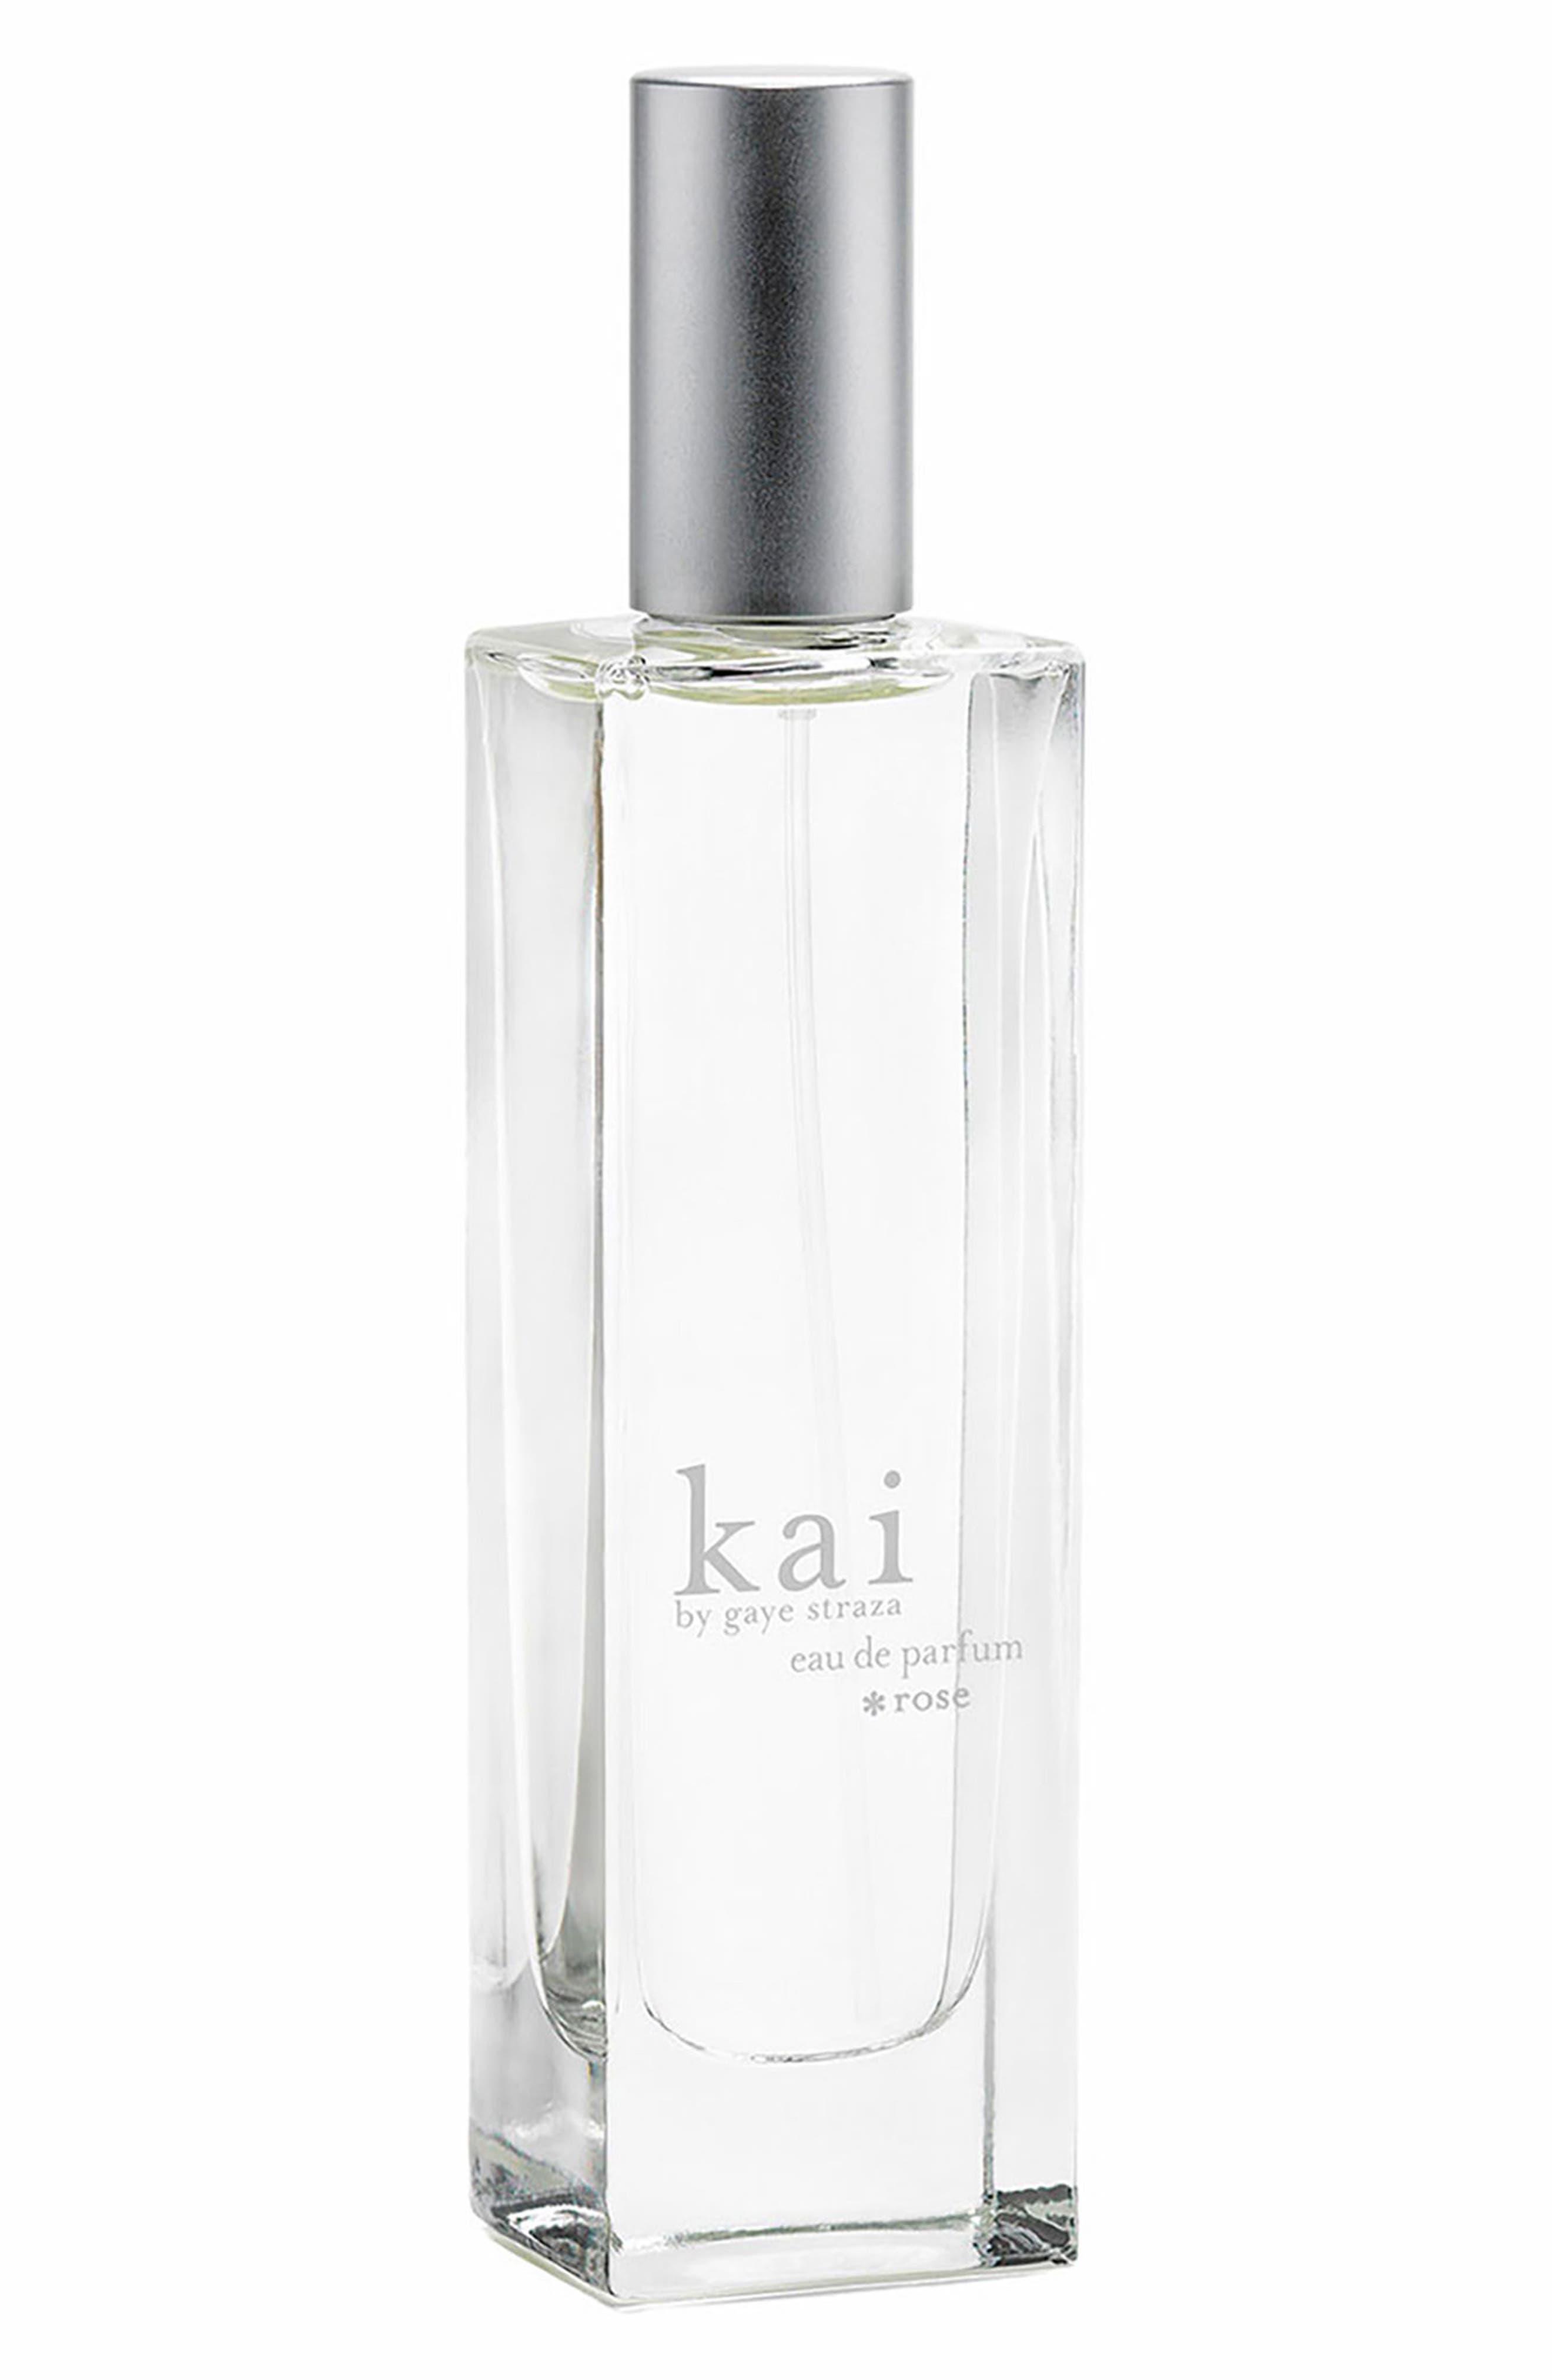 kai Rose Eau de Parfum